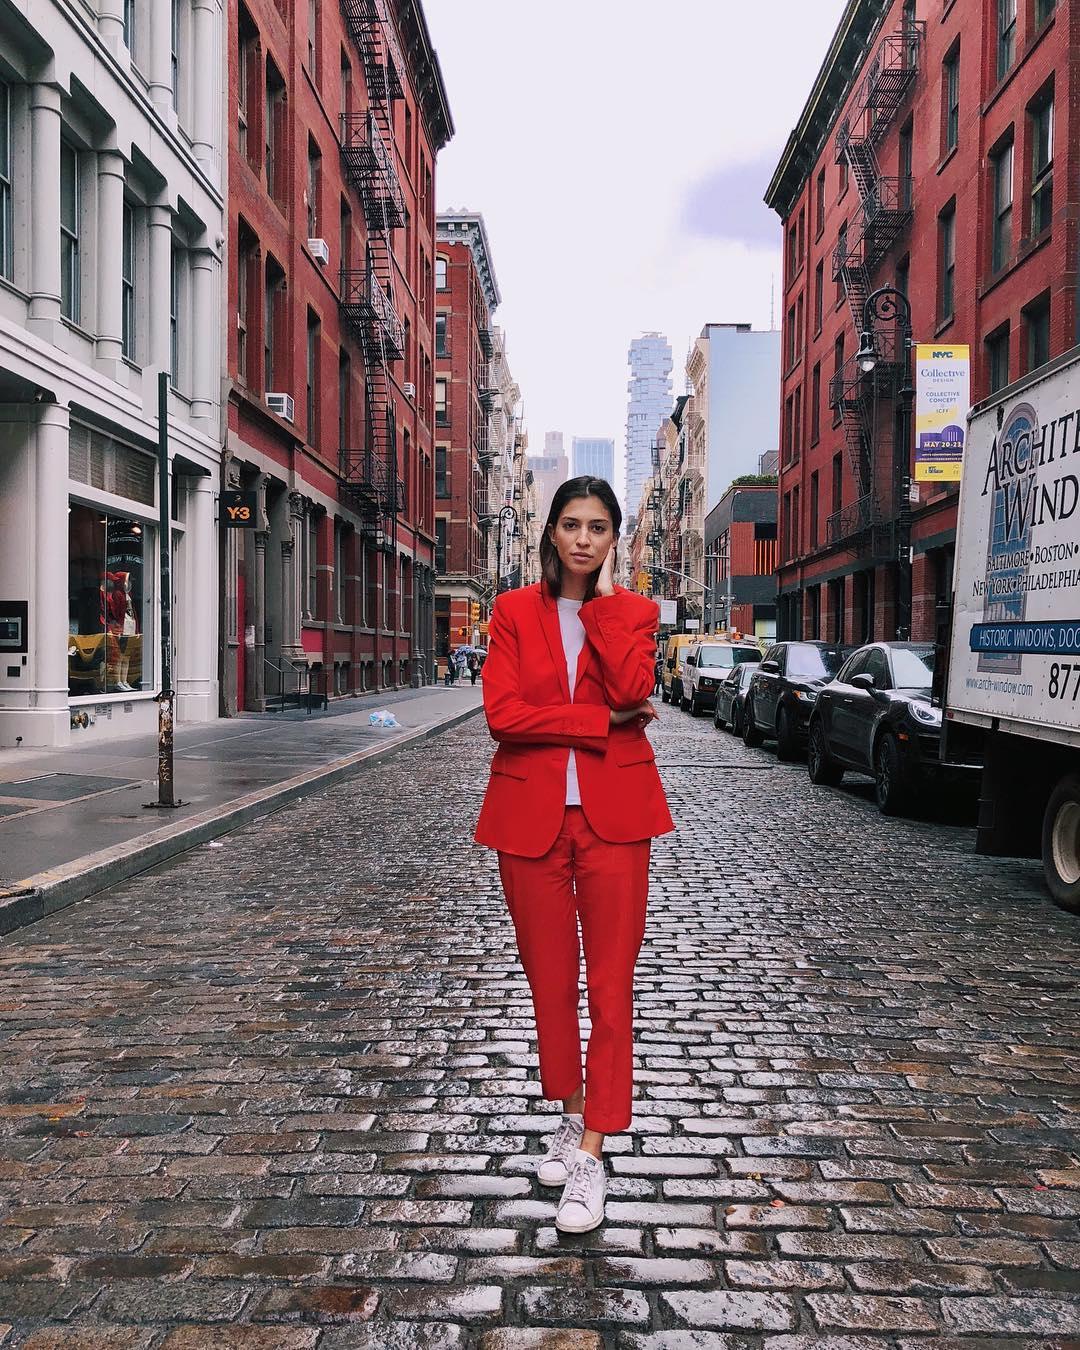 她挑戰「同一件衣服穿2個月」每天拍照上傳 畫面讓網友驚豔:我們的購物態度都錯了